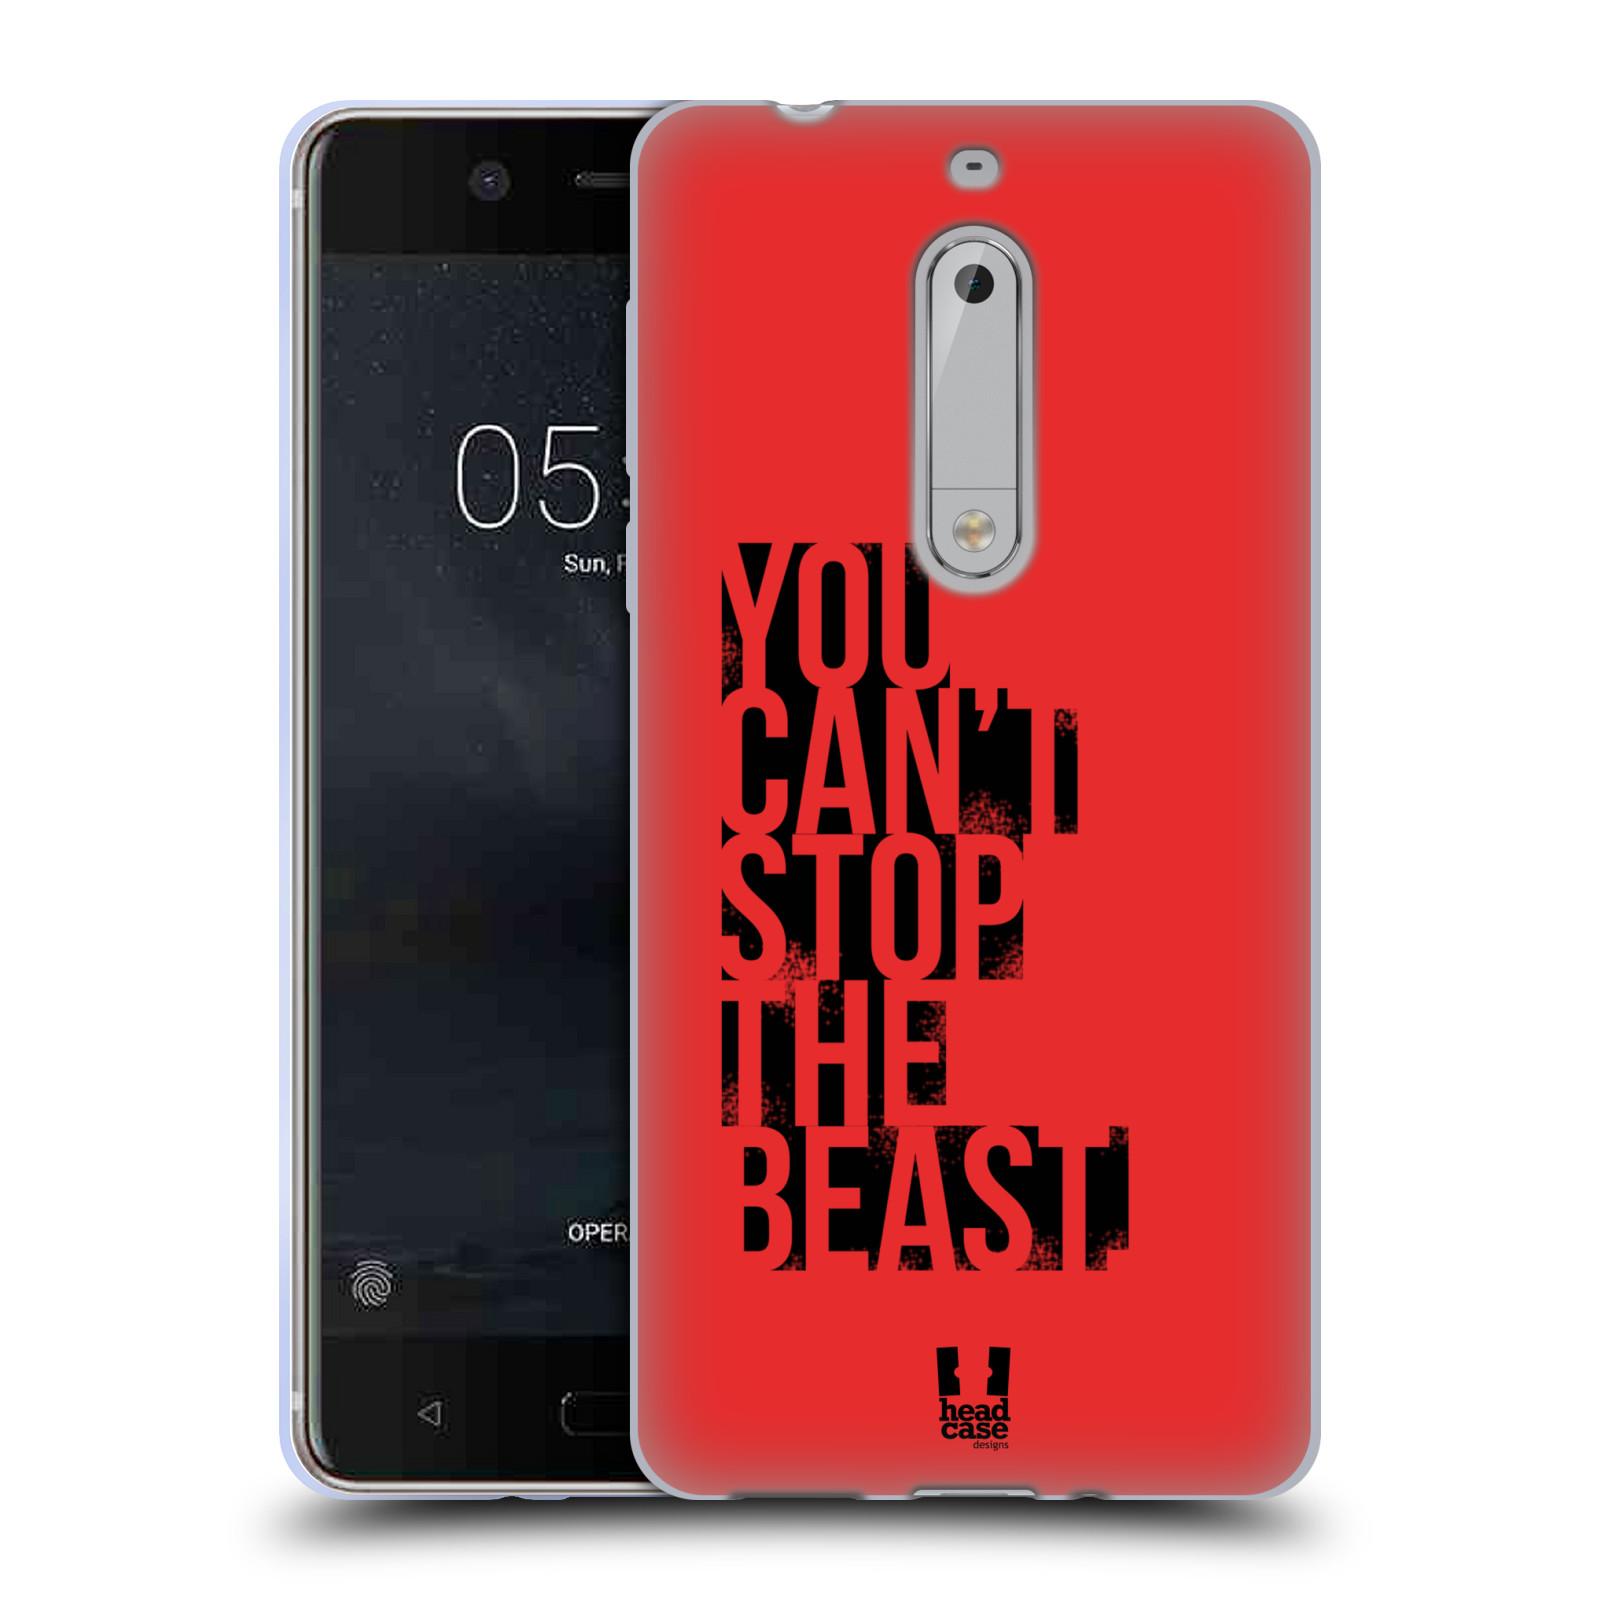 HEAD CASE silikonový obal na mobil Nokia 5 Sportovní tématika Beast mode červená